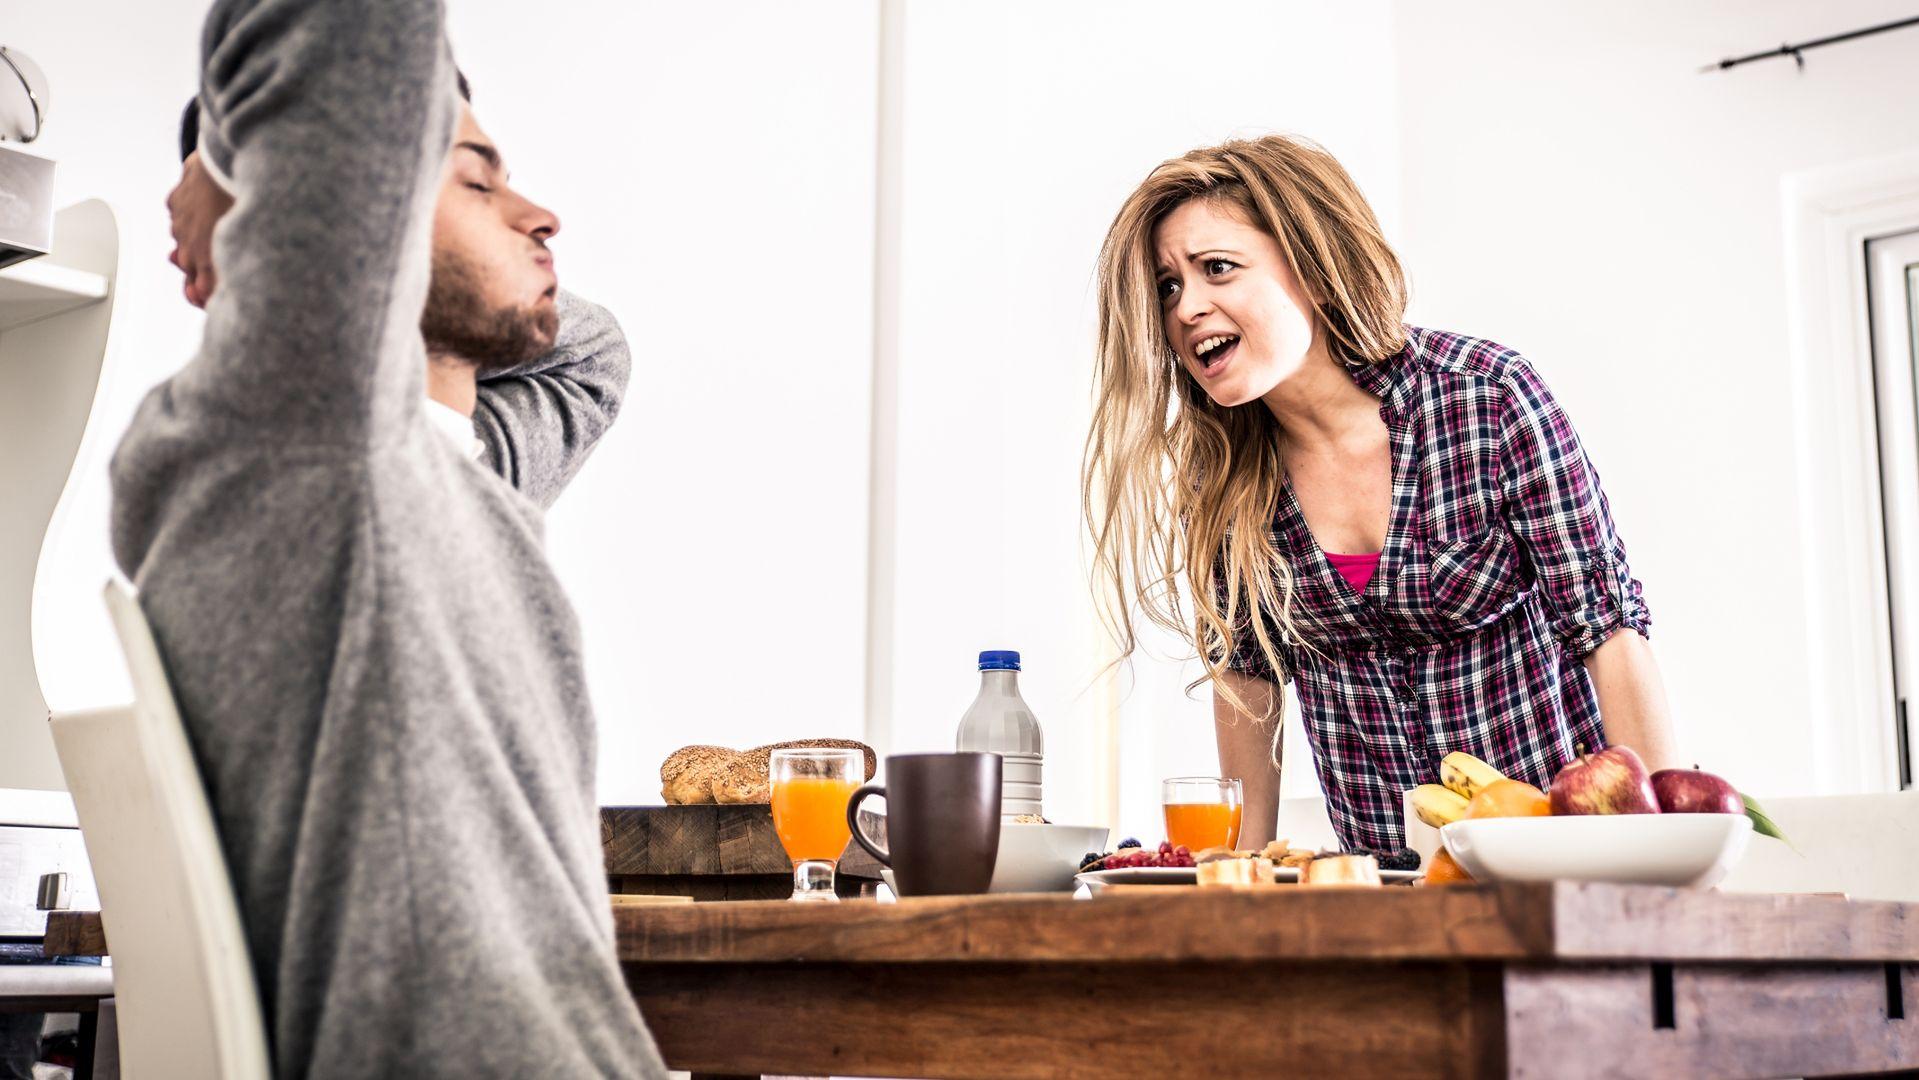 Uczucie osamotnienia w związku powoduje frustrację, narastający gniew często przeradza się w kłótnie (fot. oneinchpunch/Istockphoto)